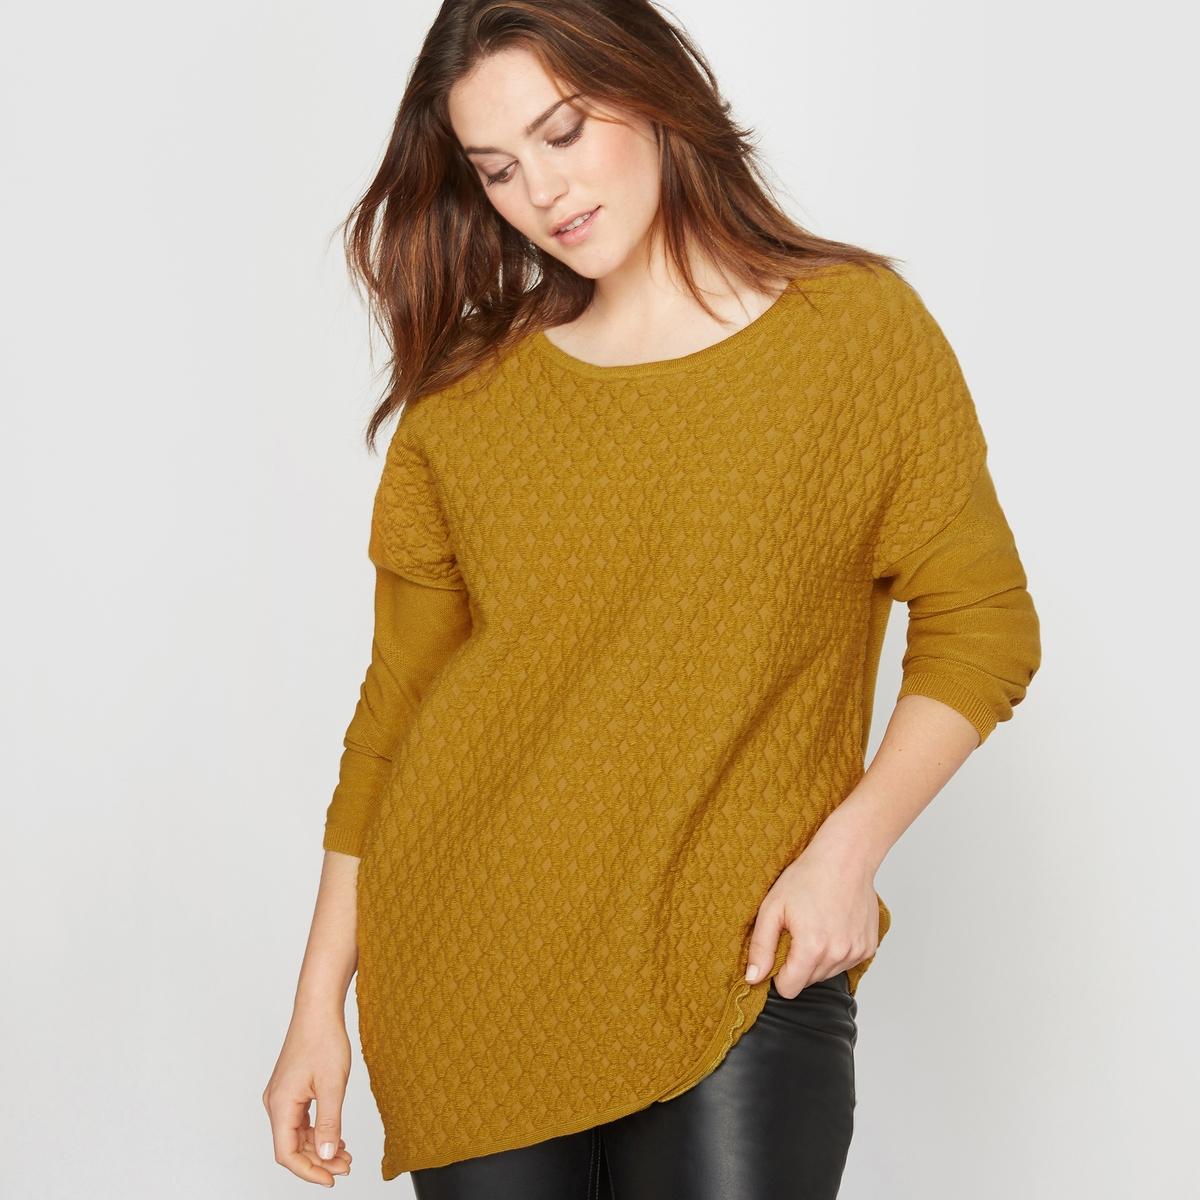 Пуловер асимметричныйСостав и описание :Материал : 90% акрила, 10% полиамида.Длина : 76 см в самом длинном месте для размера 42. Марка : CASTALUNA..Уход: : Машинная стирка при 30°.<br><br>Цвет: желтый карри<br>Размер: 42/44 (FR) - 48/50 (RUS).50/52 (FR) - 56/58 (RUS)